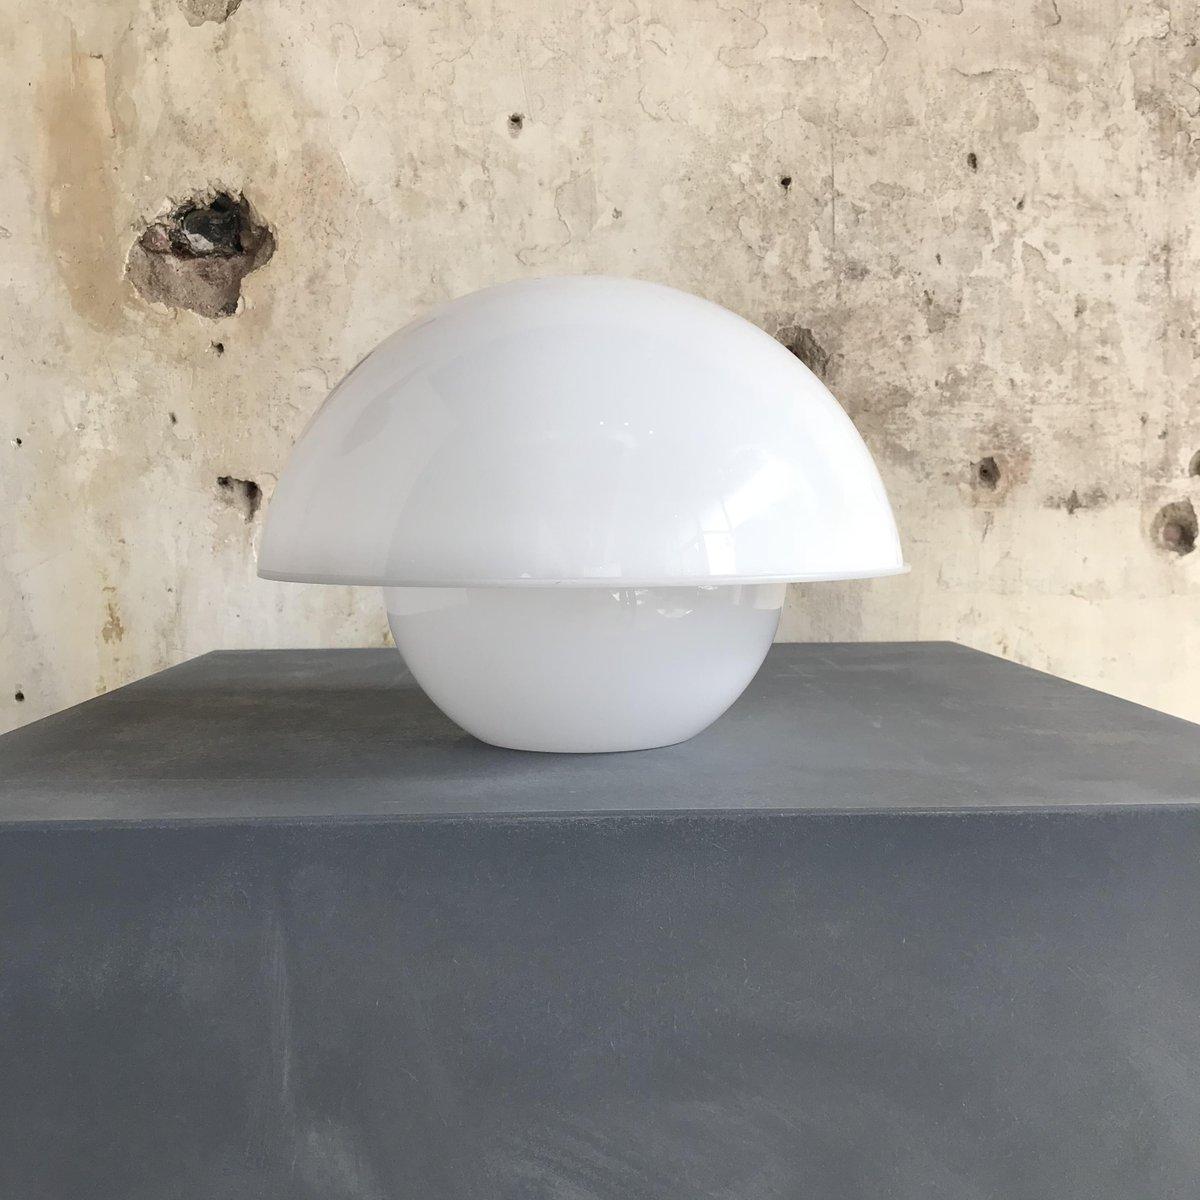 Modell Seta Tischlampe von André Ricard für Metalarte, 1970er